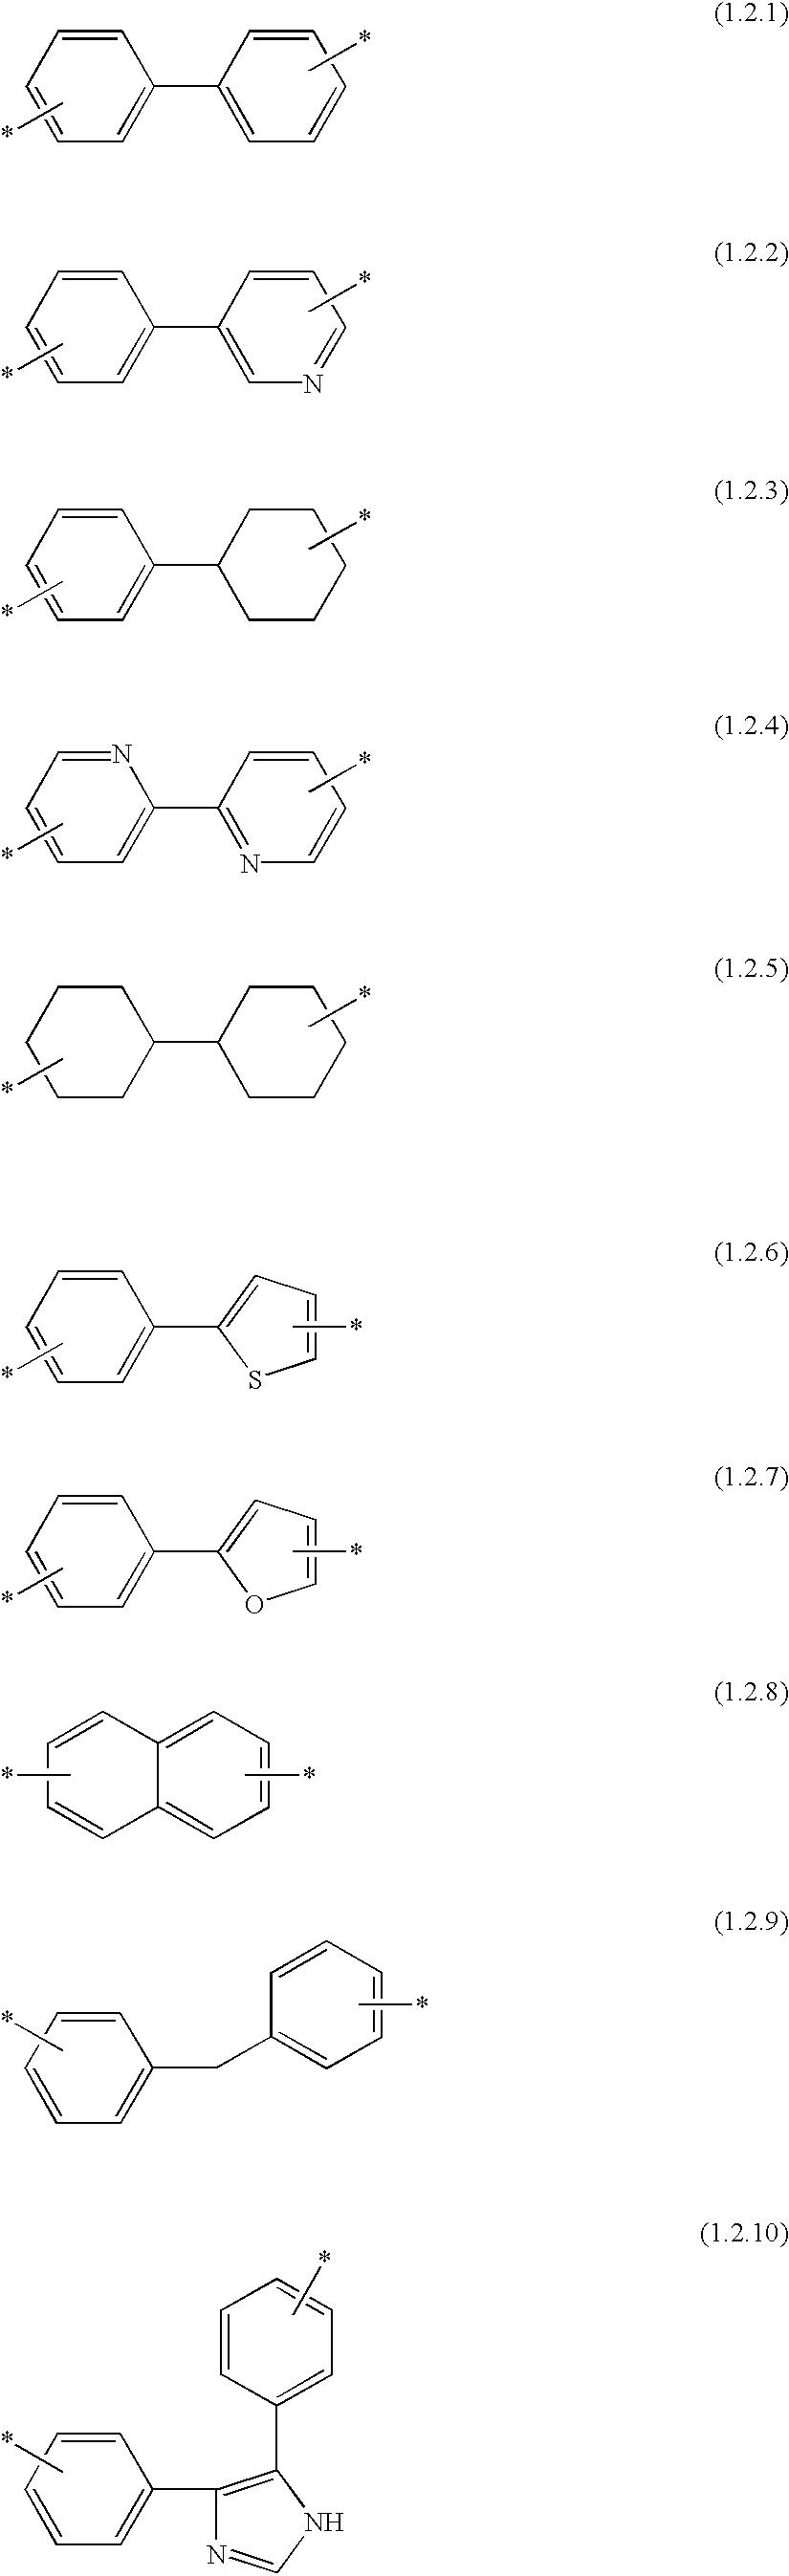 Figure US20030186974A1-20031002-C00117